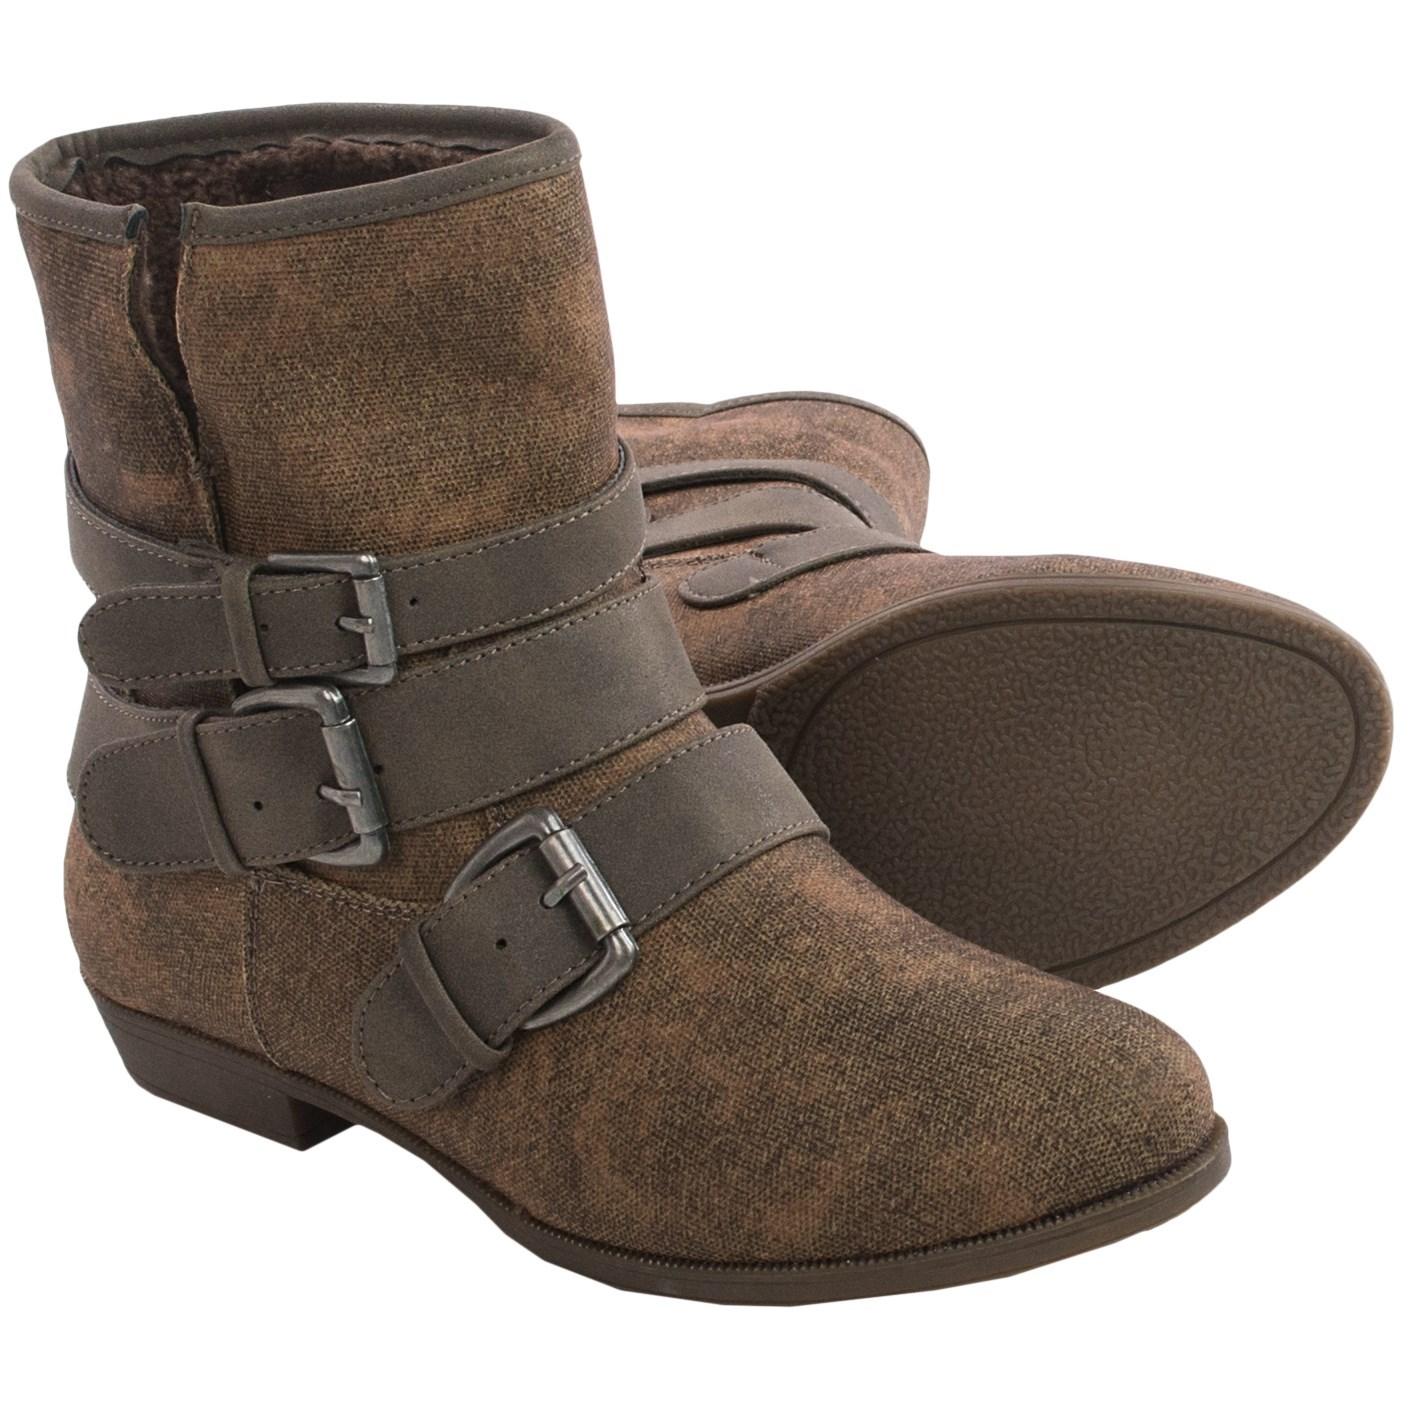 Muk Luks Shoe Sizing